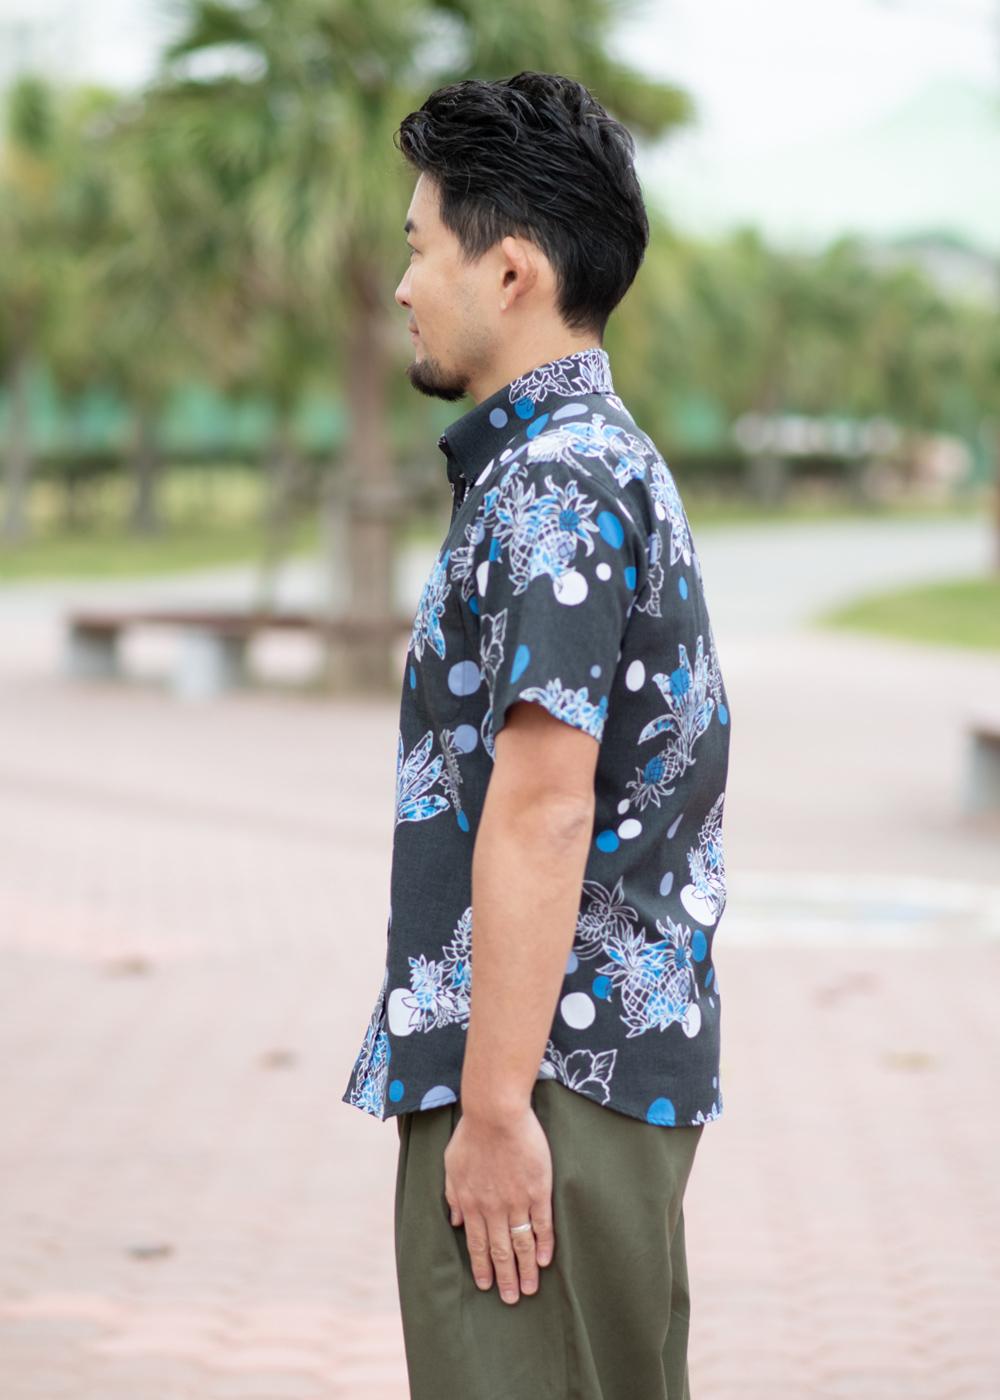 かりゆしウェア(沖縄版アロハシャツ) MAJUN - カラフルサワー